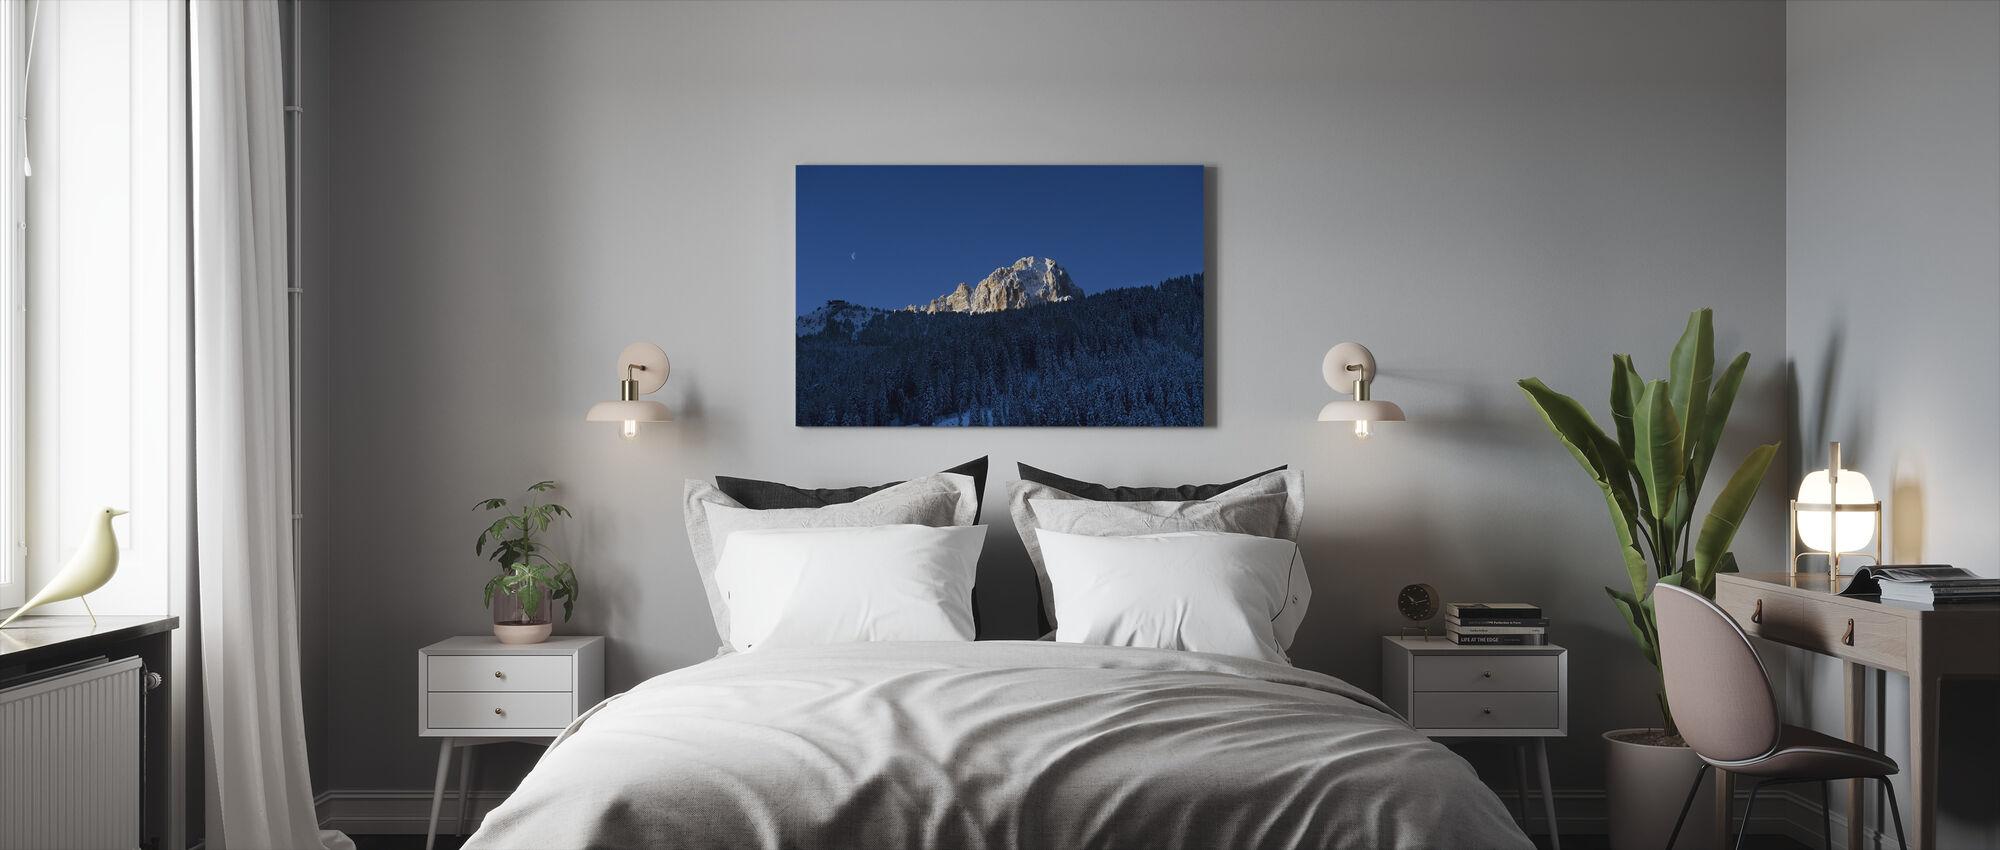 Val Gardena, Dolomites in Italy - Canvas print - Bedroom